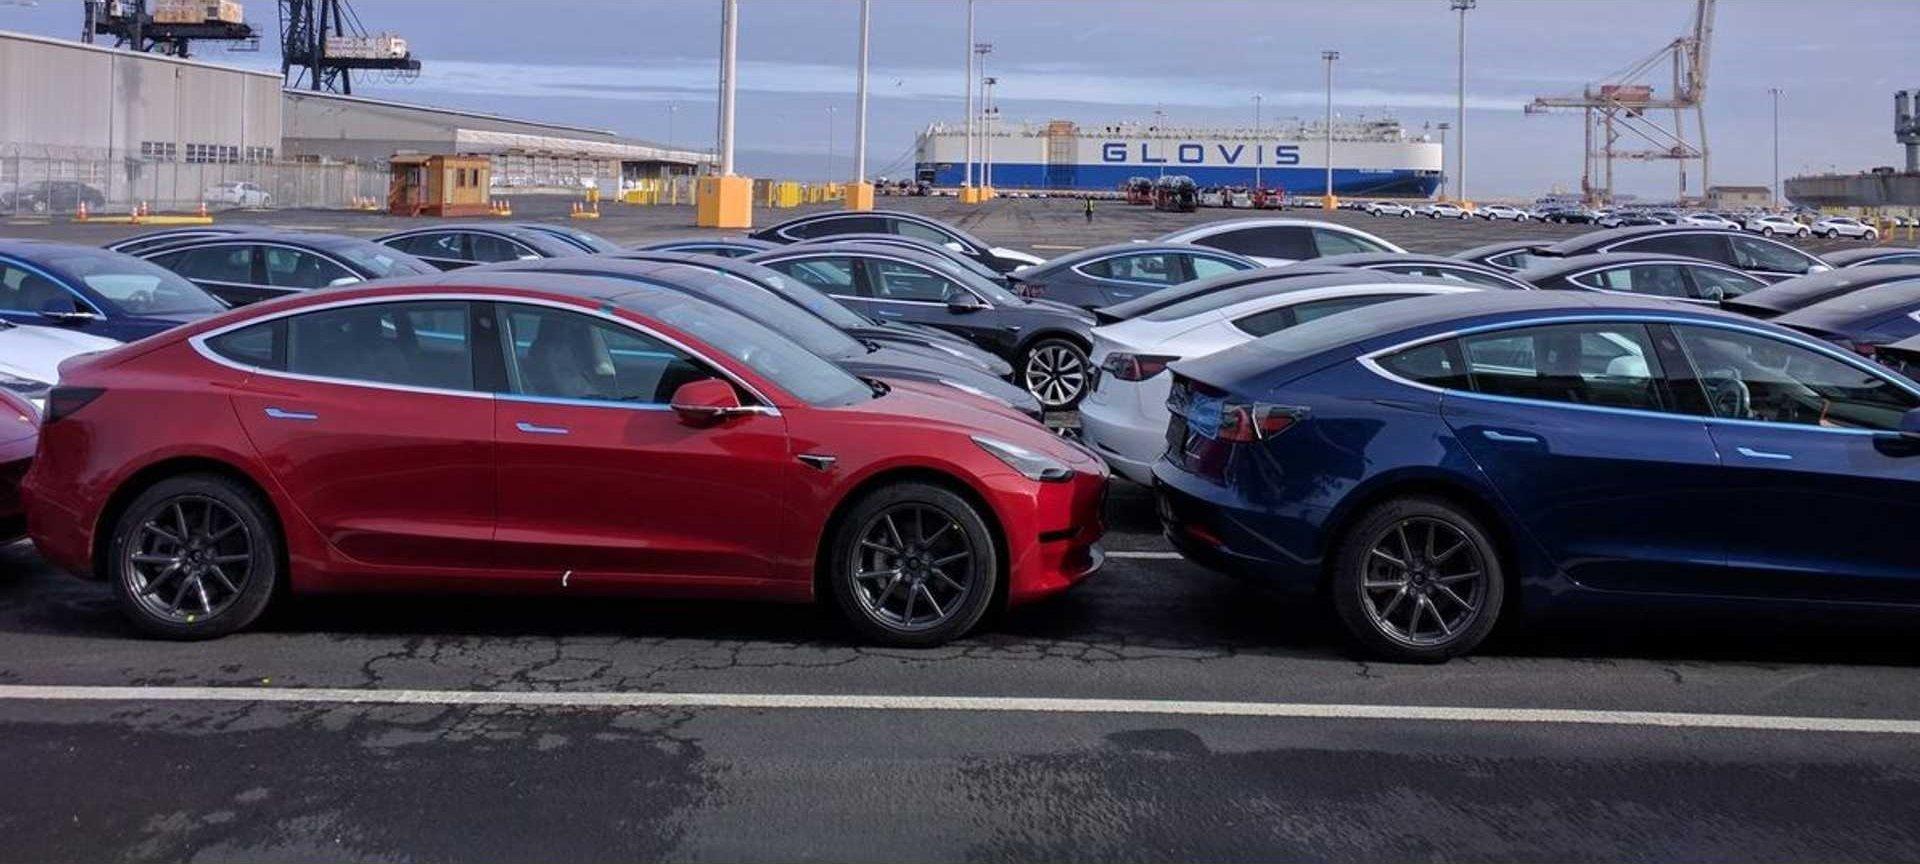 Бум Tesla в Норвегии привел к проблемам с обслуживанием